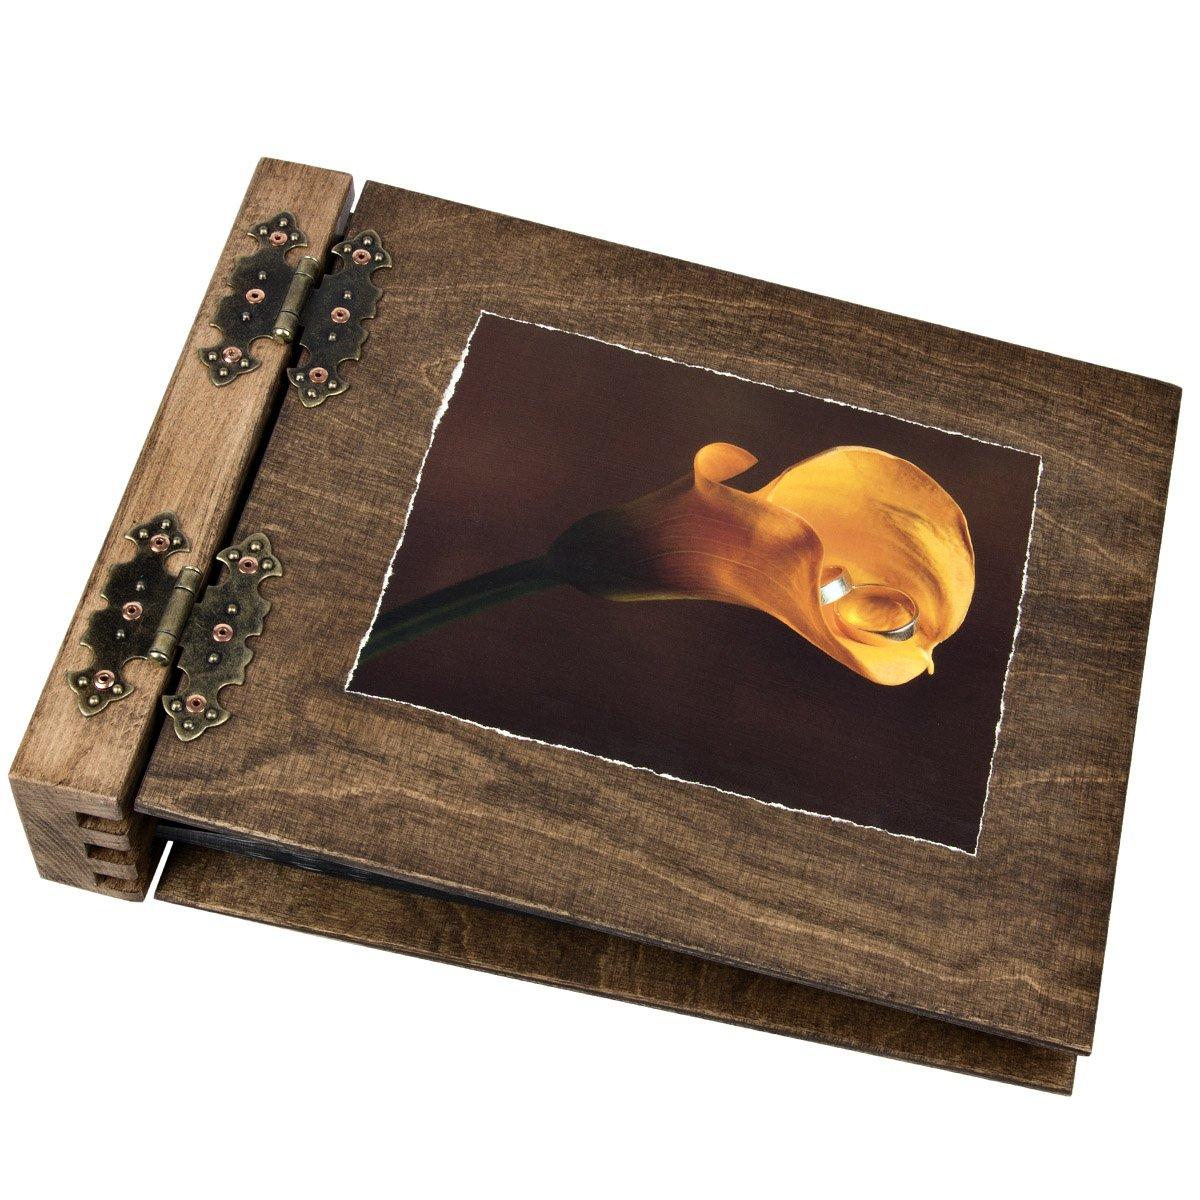 75 hojas por ambos lados de (álbum de fotos de lados madera plegable Calla alianzas boda álbum c08c57